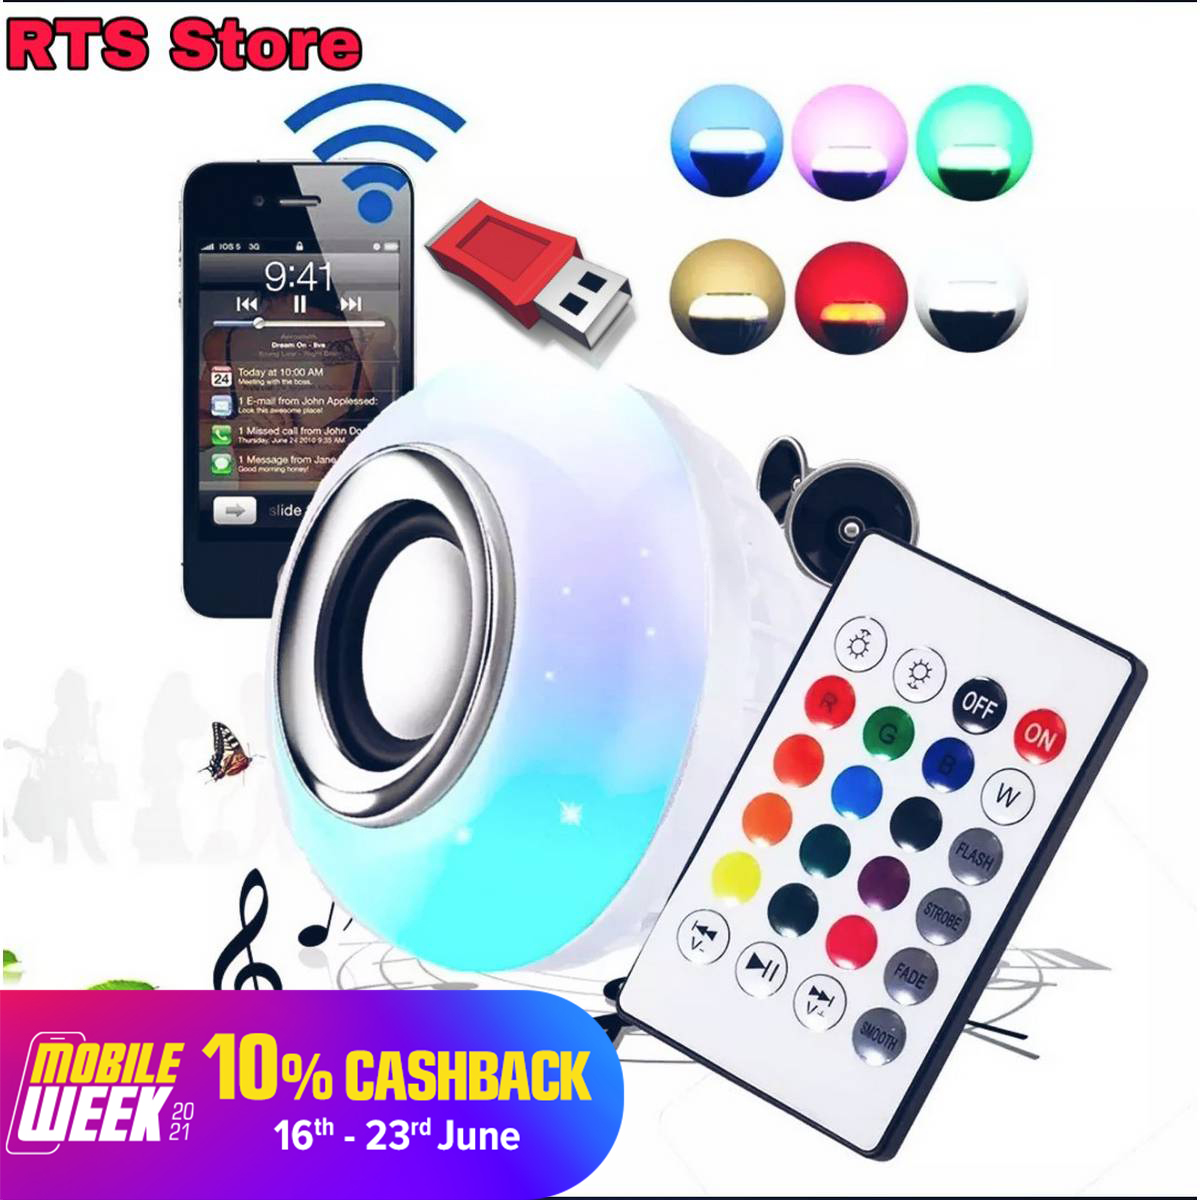 DISCO BULB 16 CLR  MUSIC LED  Bluetooth Speaker Bulb Smart+ Remote Control Wireless Disco Multi Color 12W RTS STORE